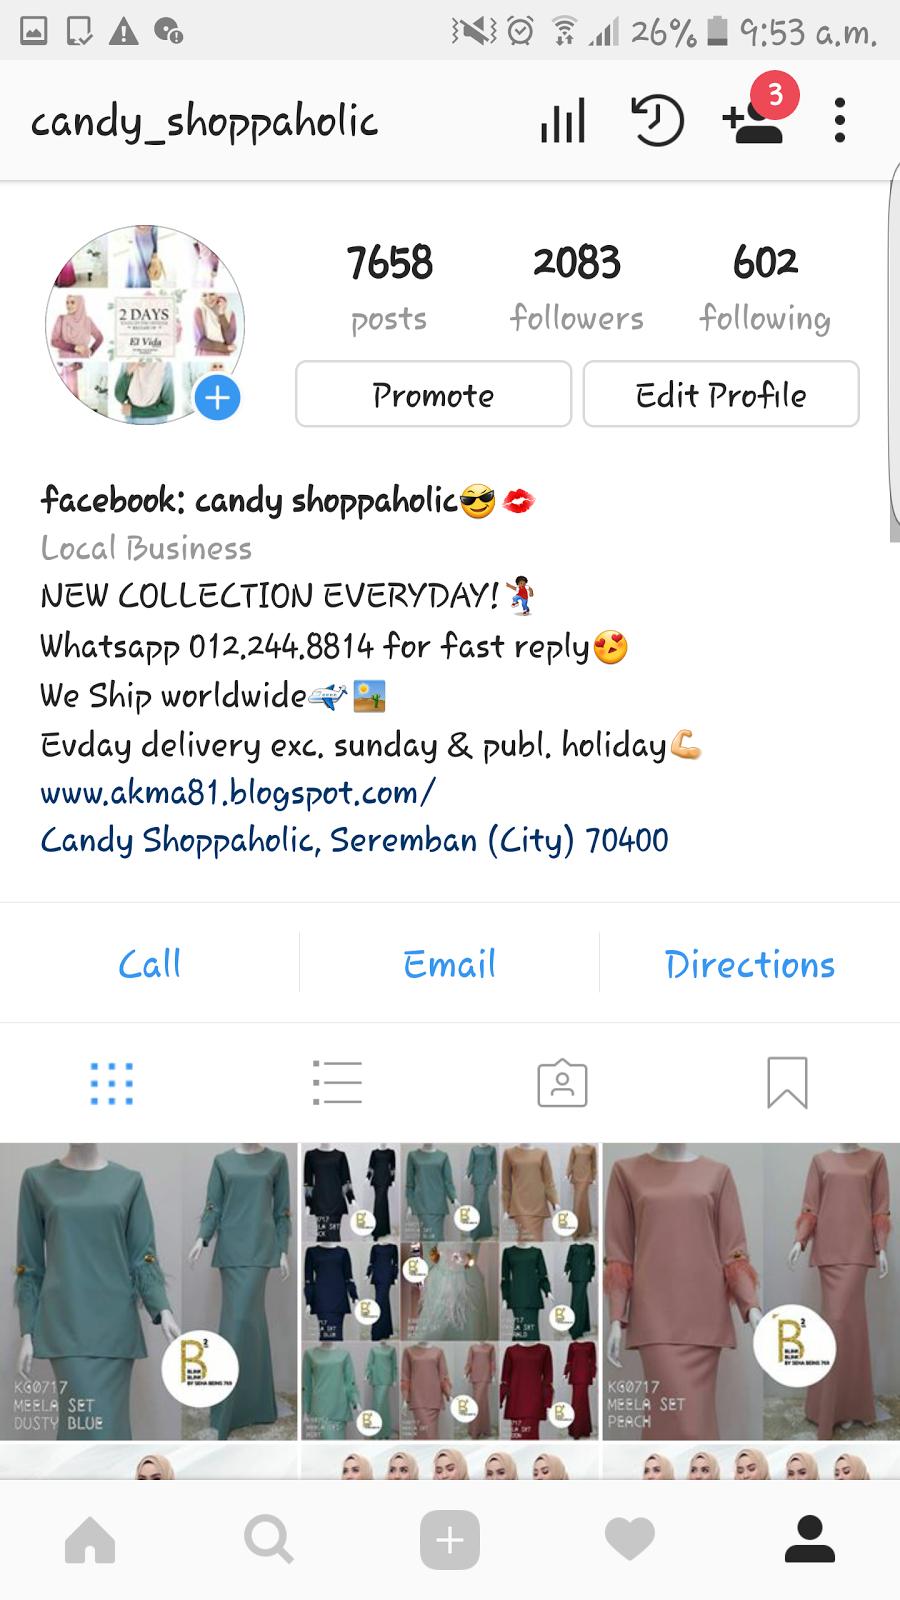 Jom follow instagram kami untuk update yang lebih pantas